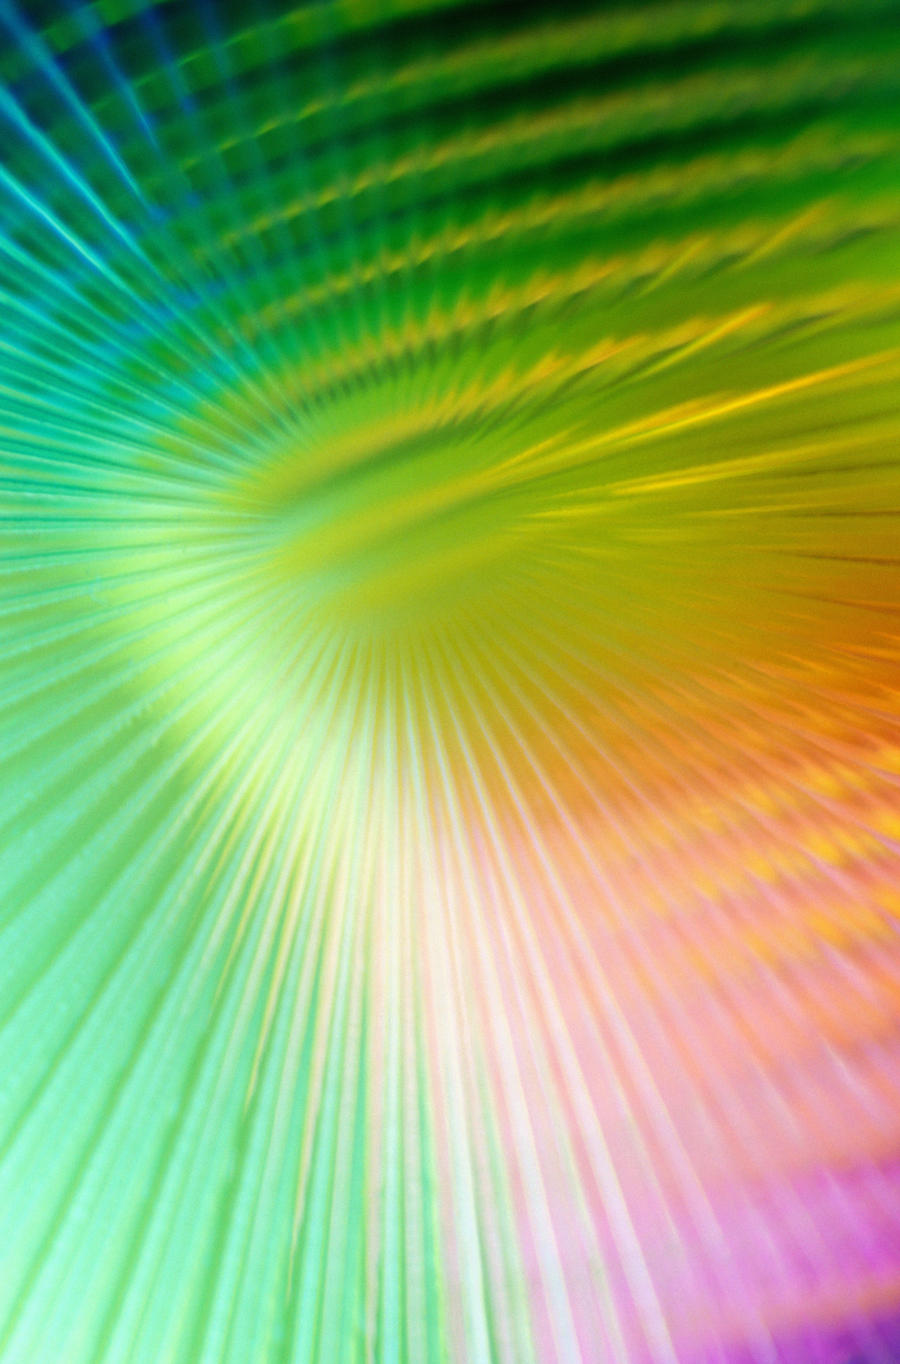 Rainbow Texture 3501408